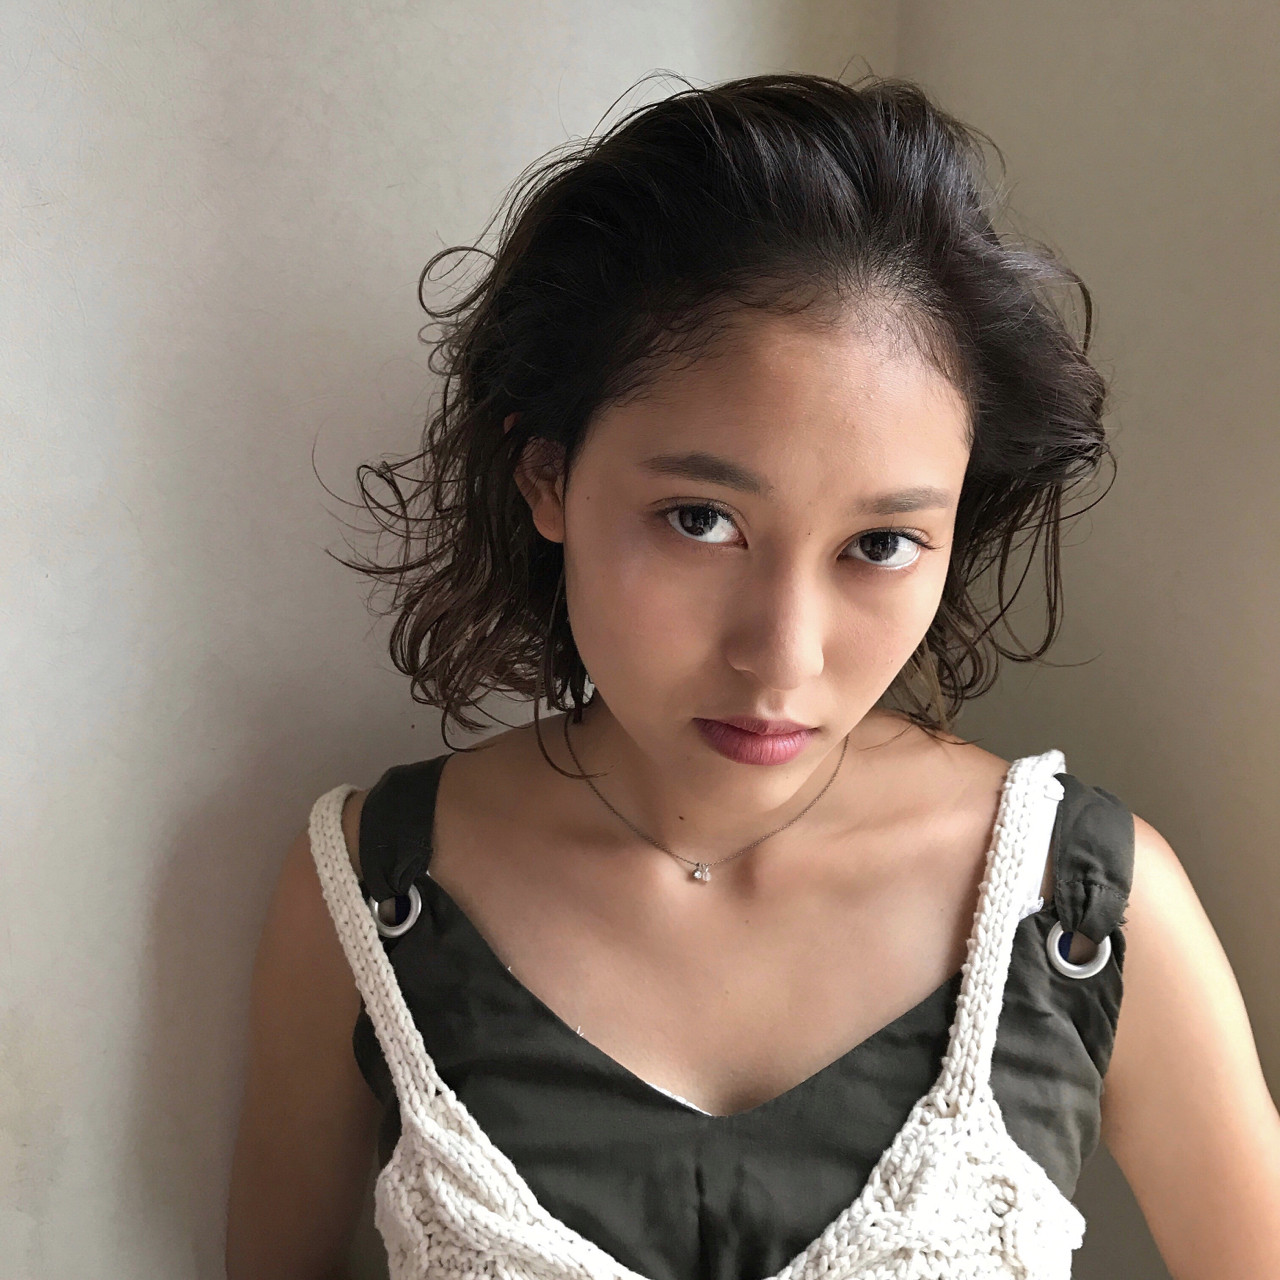 オールバック ボブ 大人女子 ナチュラル ヘアスタイルや髪型の写真・画像 | 吉田将大 / chillo